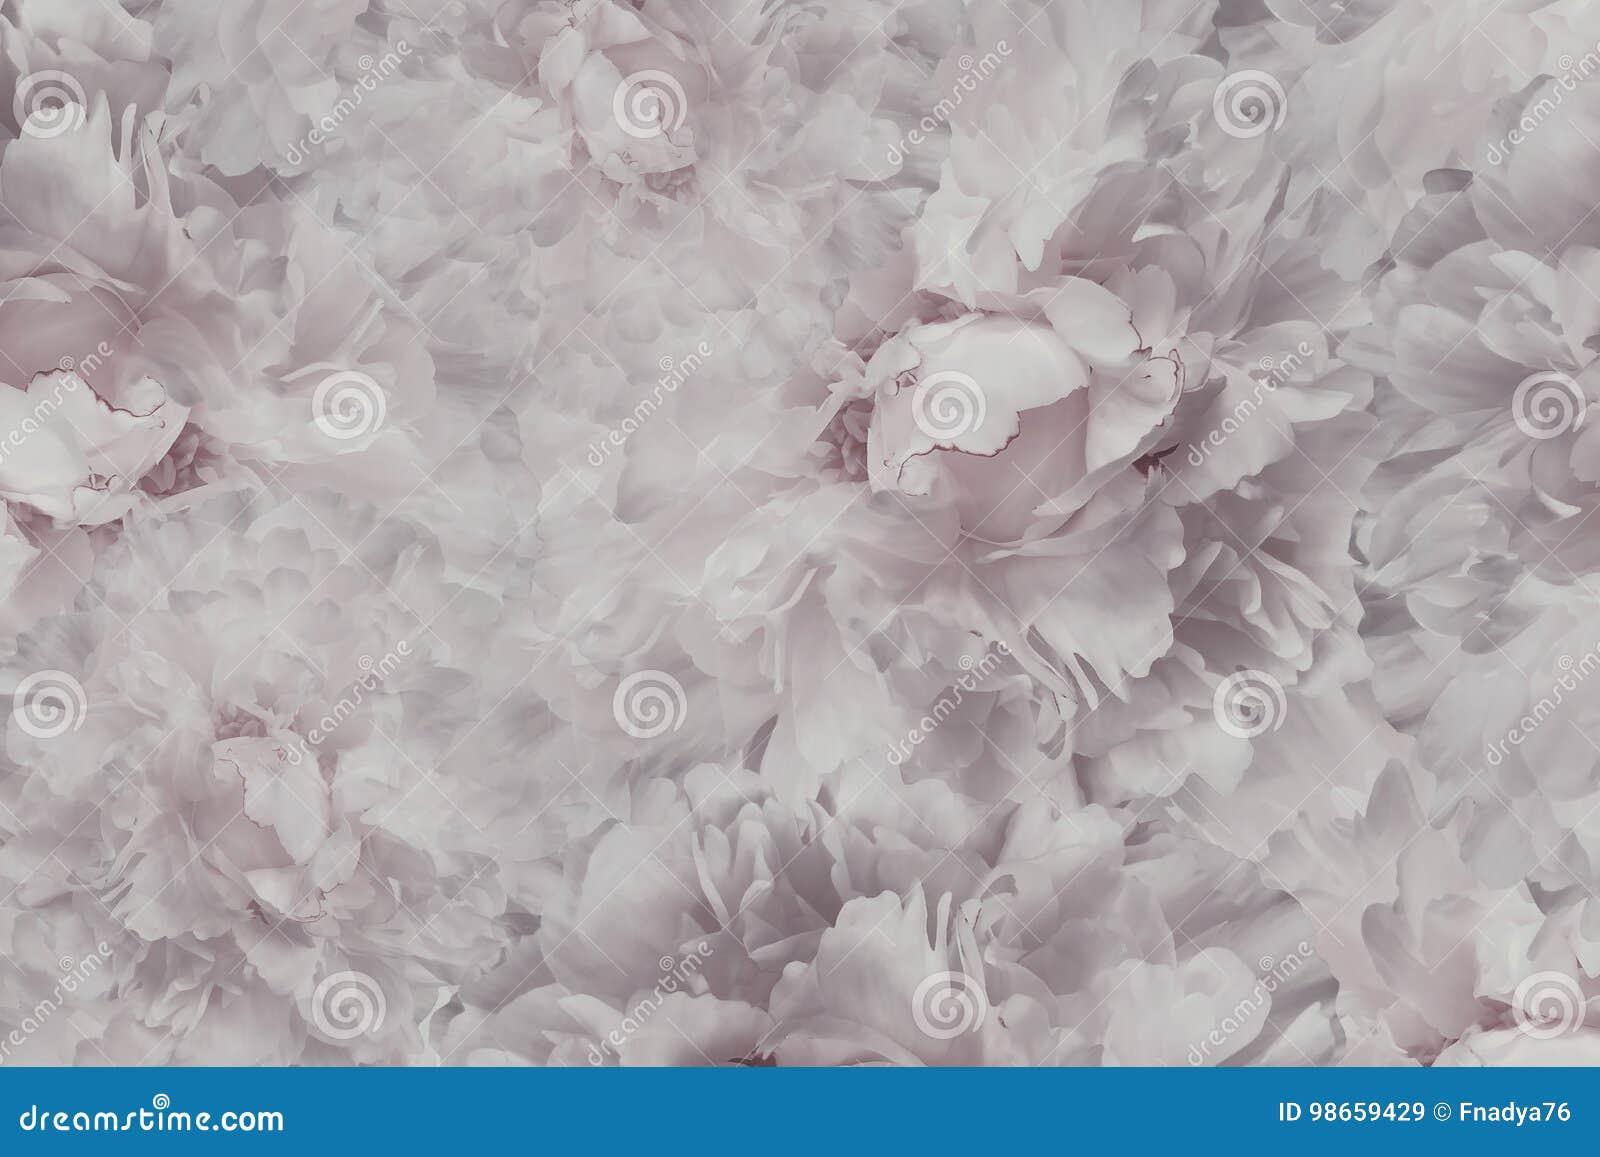 Lumière Florale - Rose - Beau Fond Blanc Papiers Peints De Pivoine ...